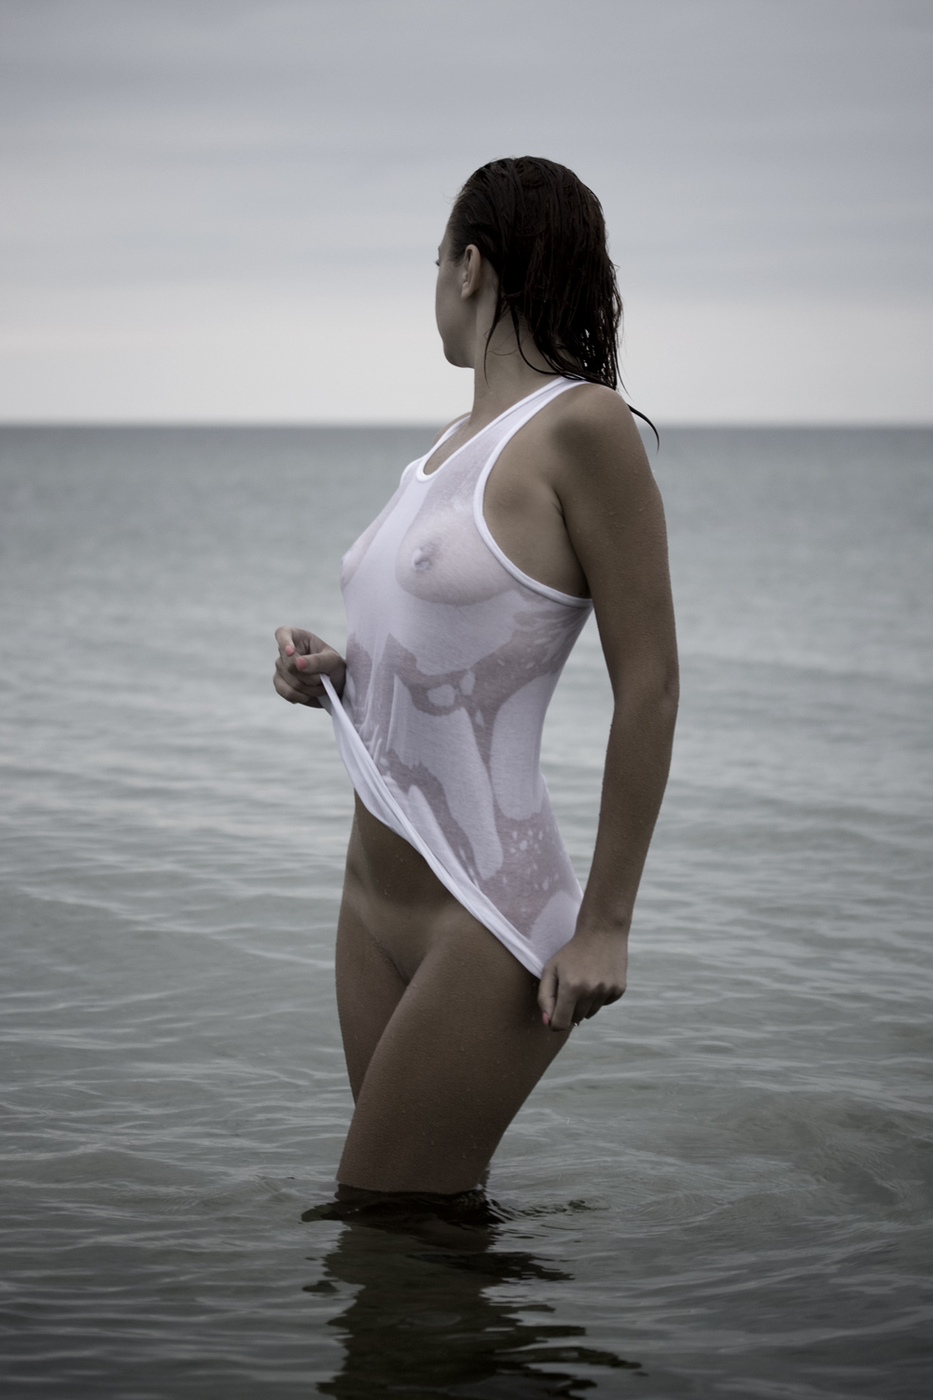 Мокрой одеждой под женское тело фото голое